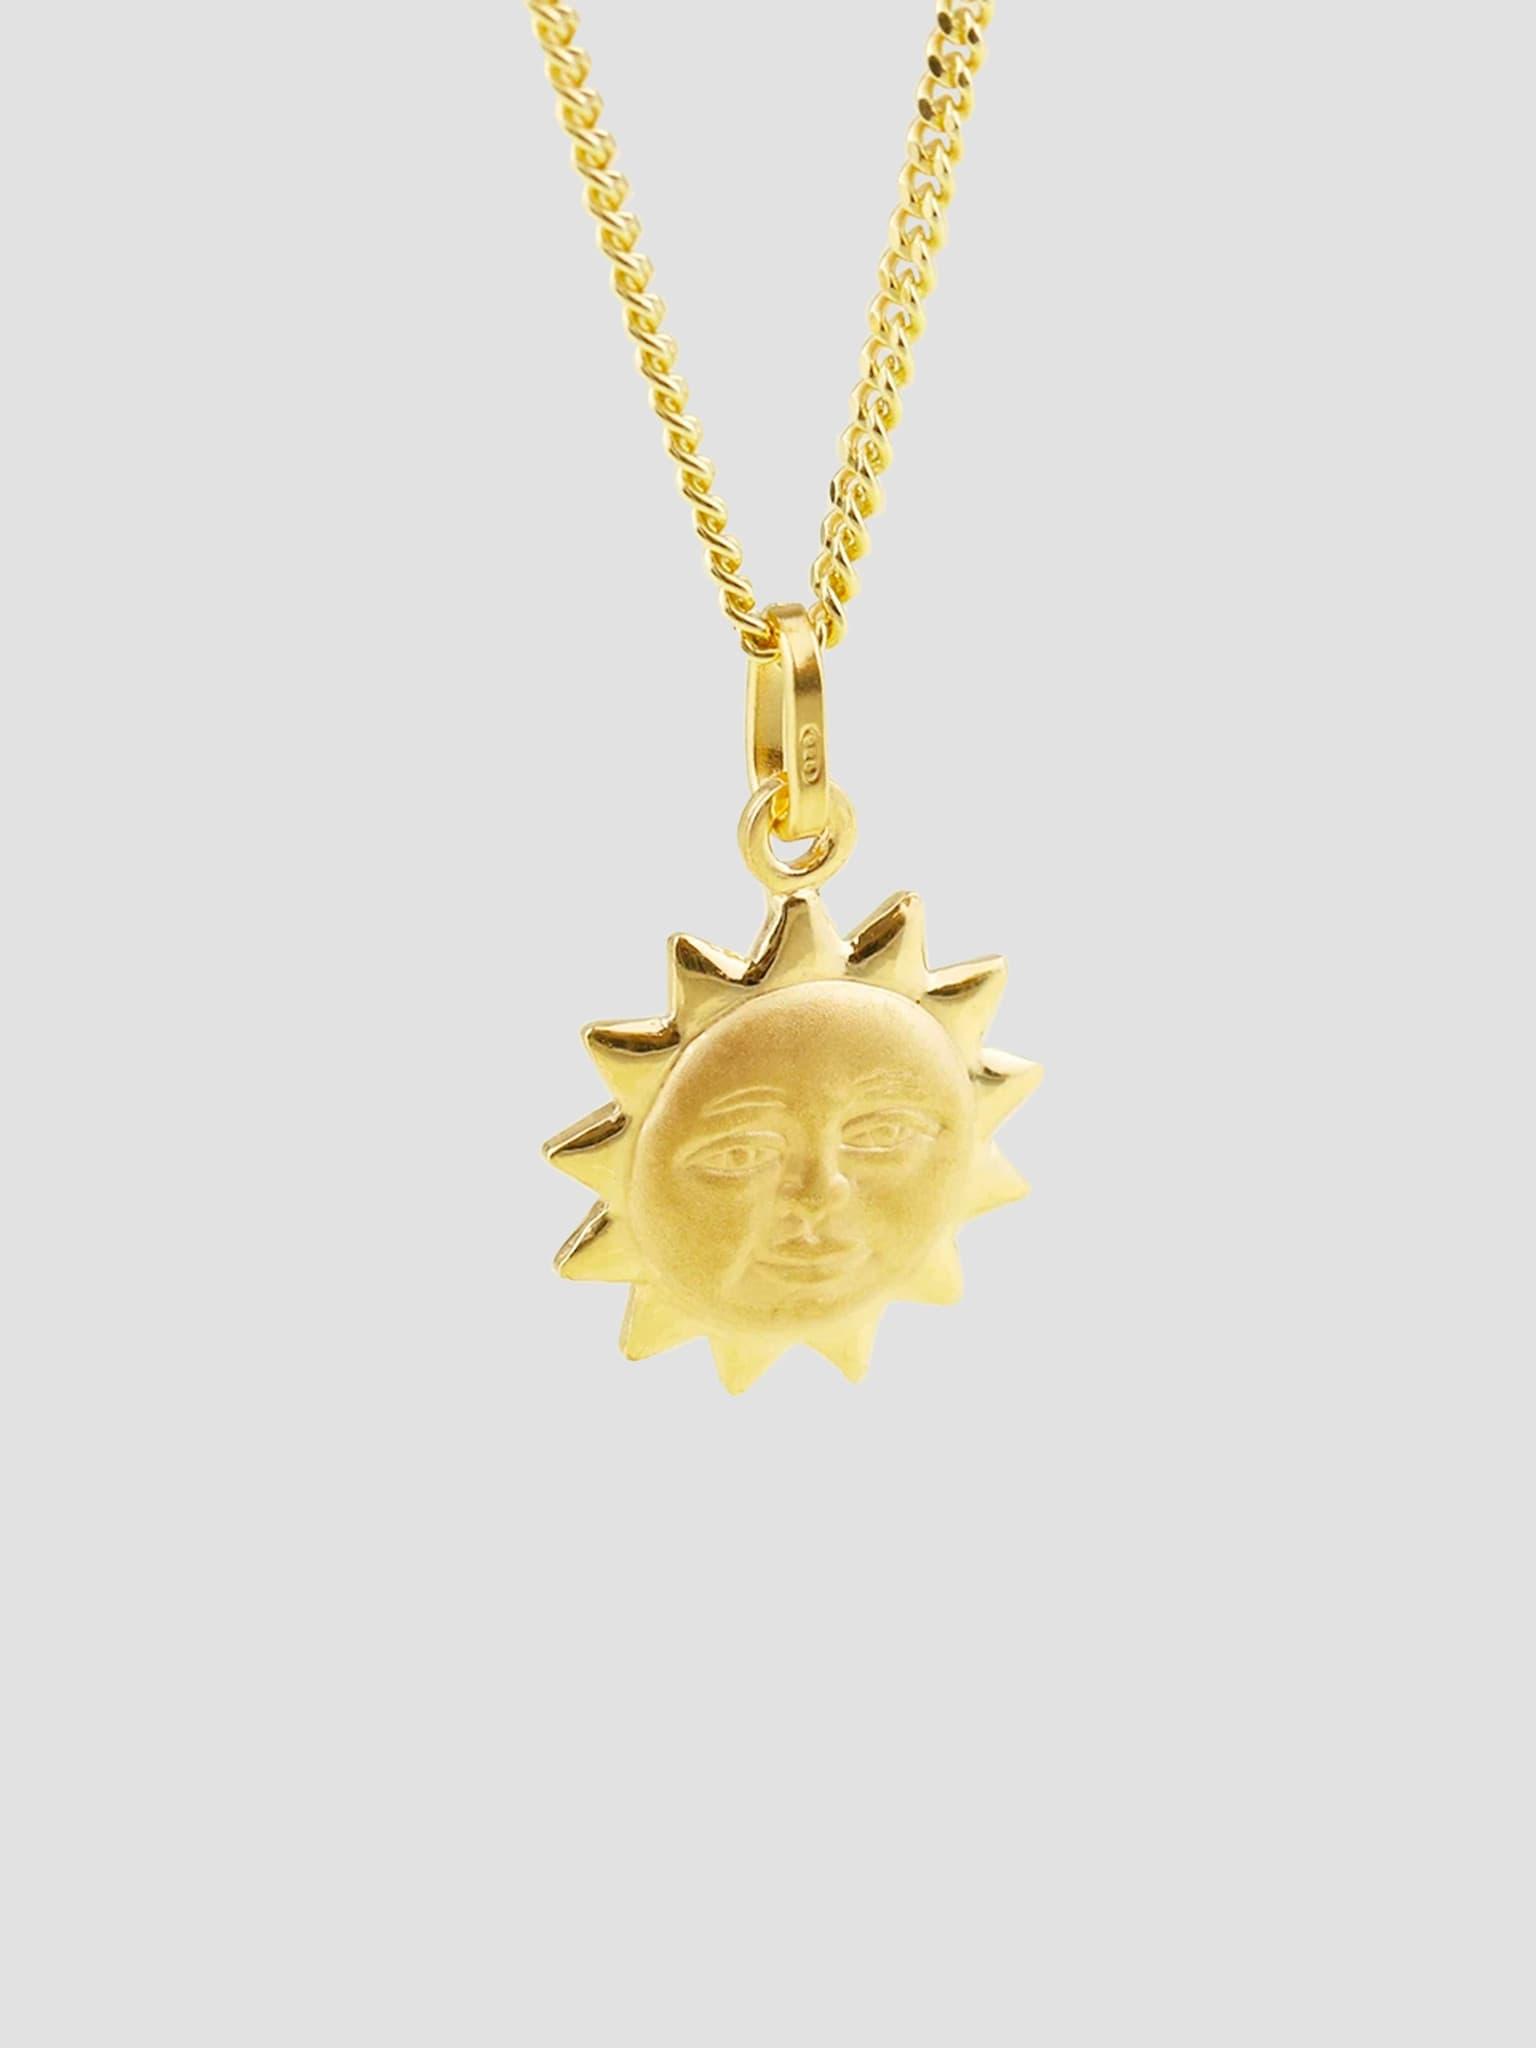 Sole Necklace 55cm 14k Gold